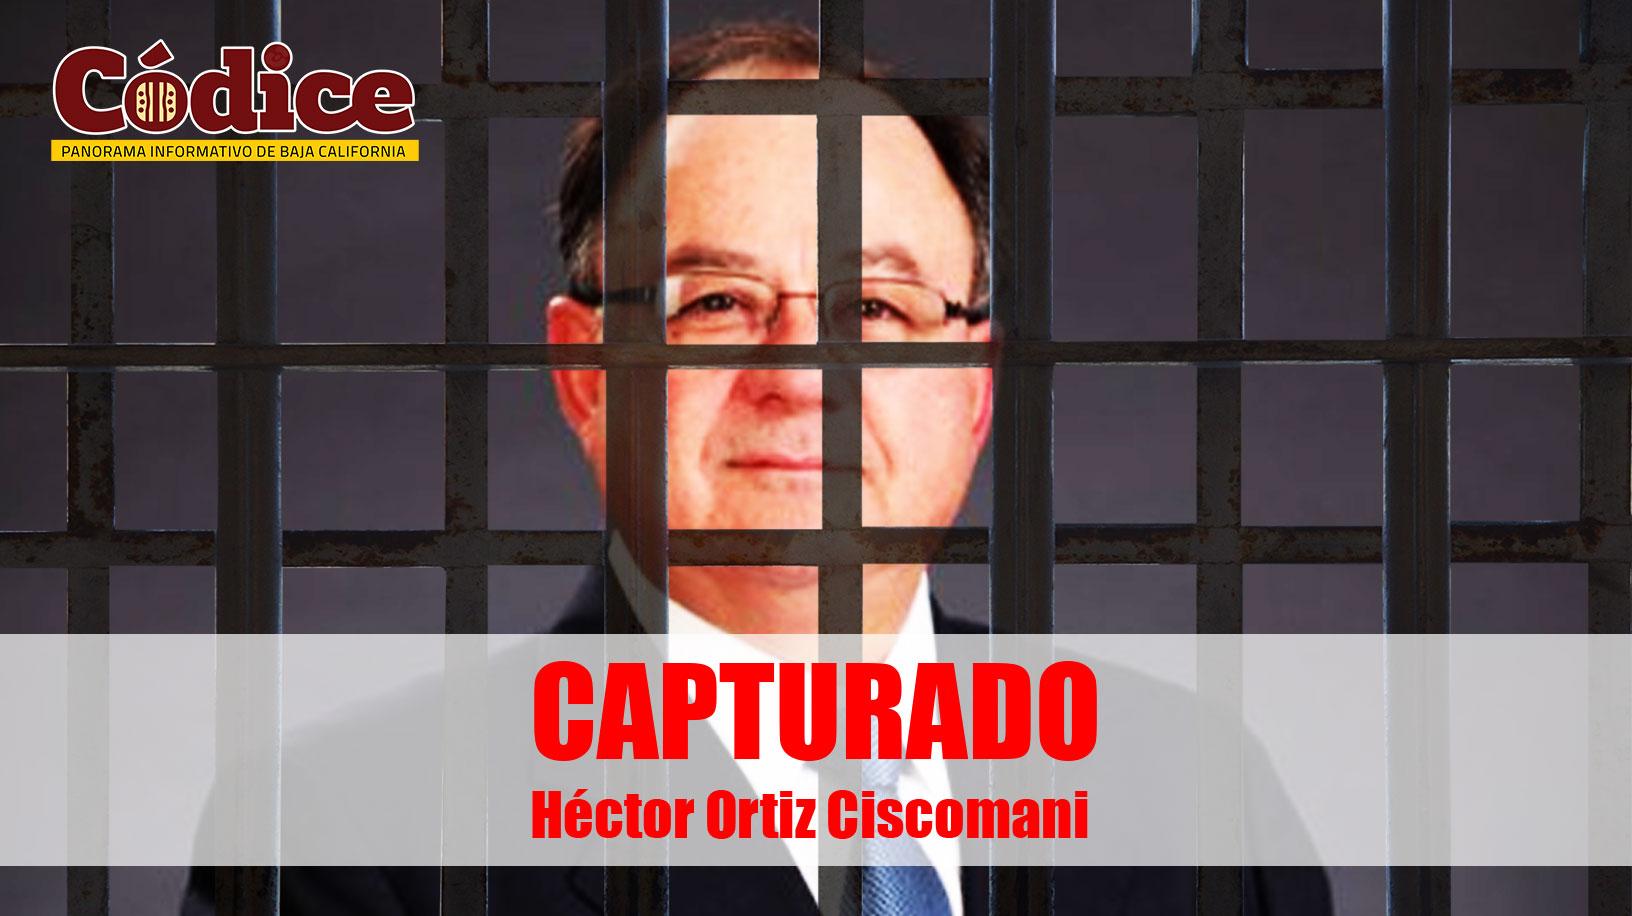 Capturado, Hector Ortiz Ciscomani